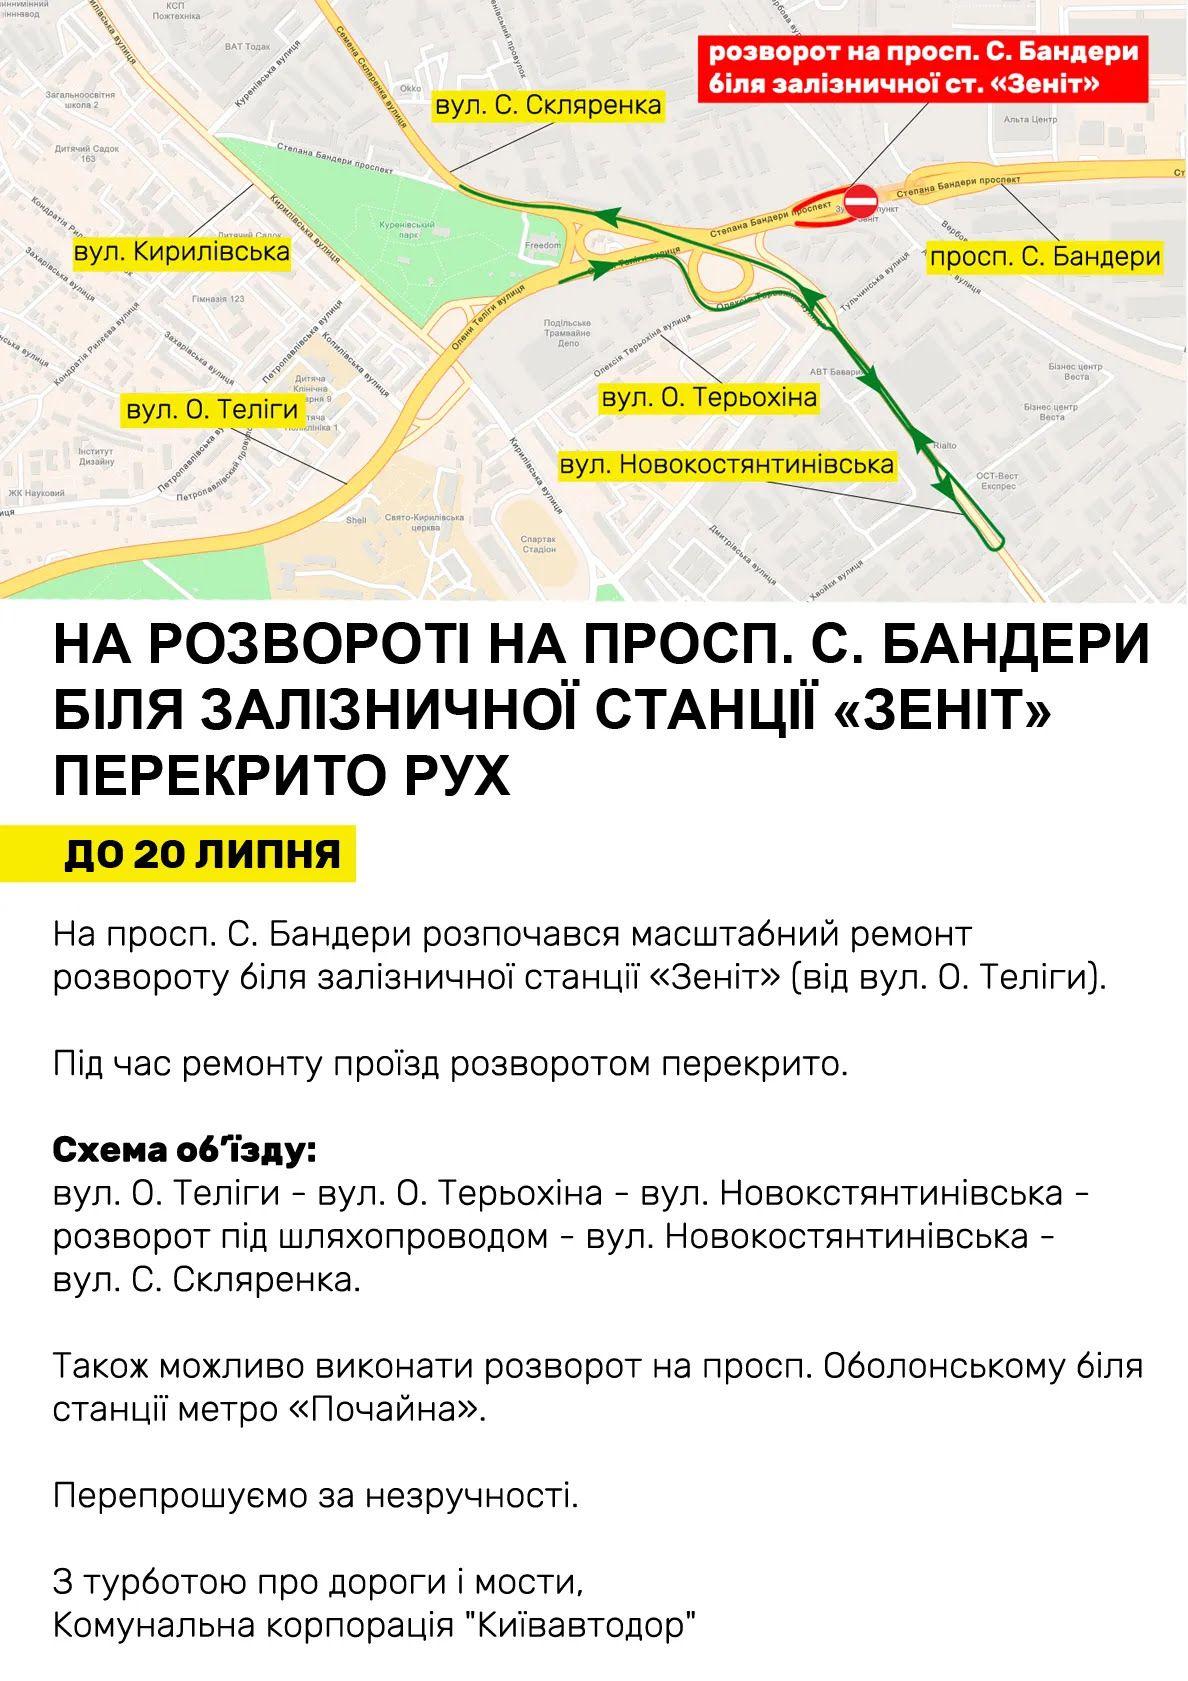 В Киеве закрыли разворот на проспекте Степана Бандеры.